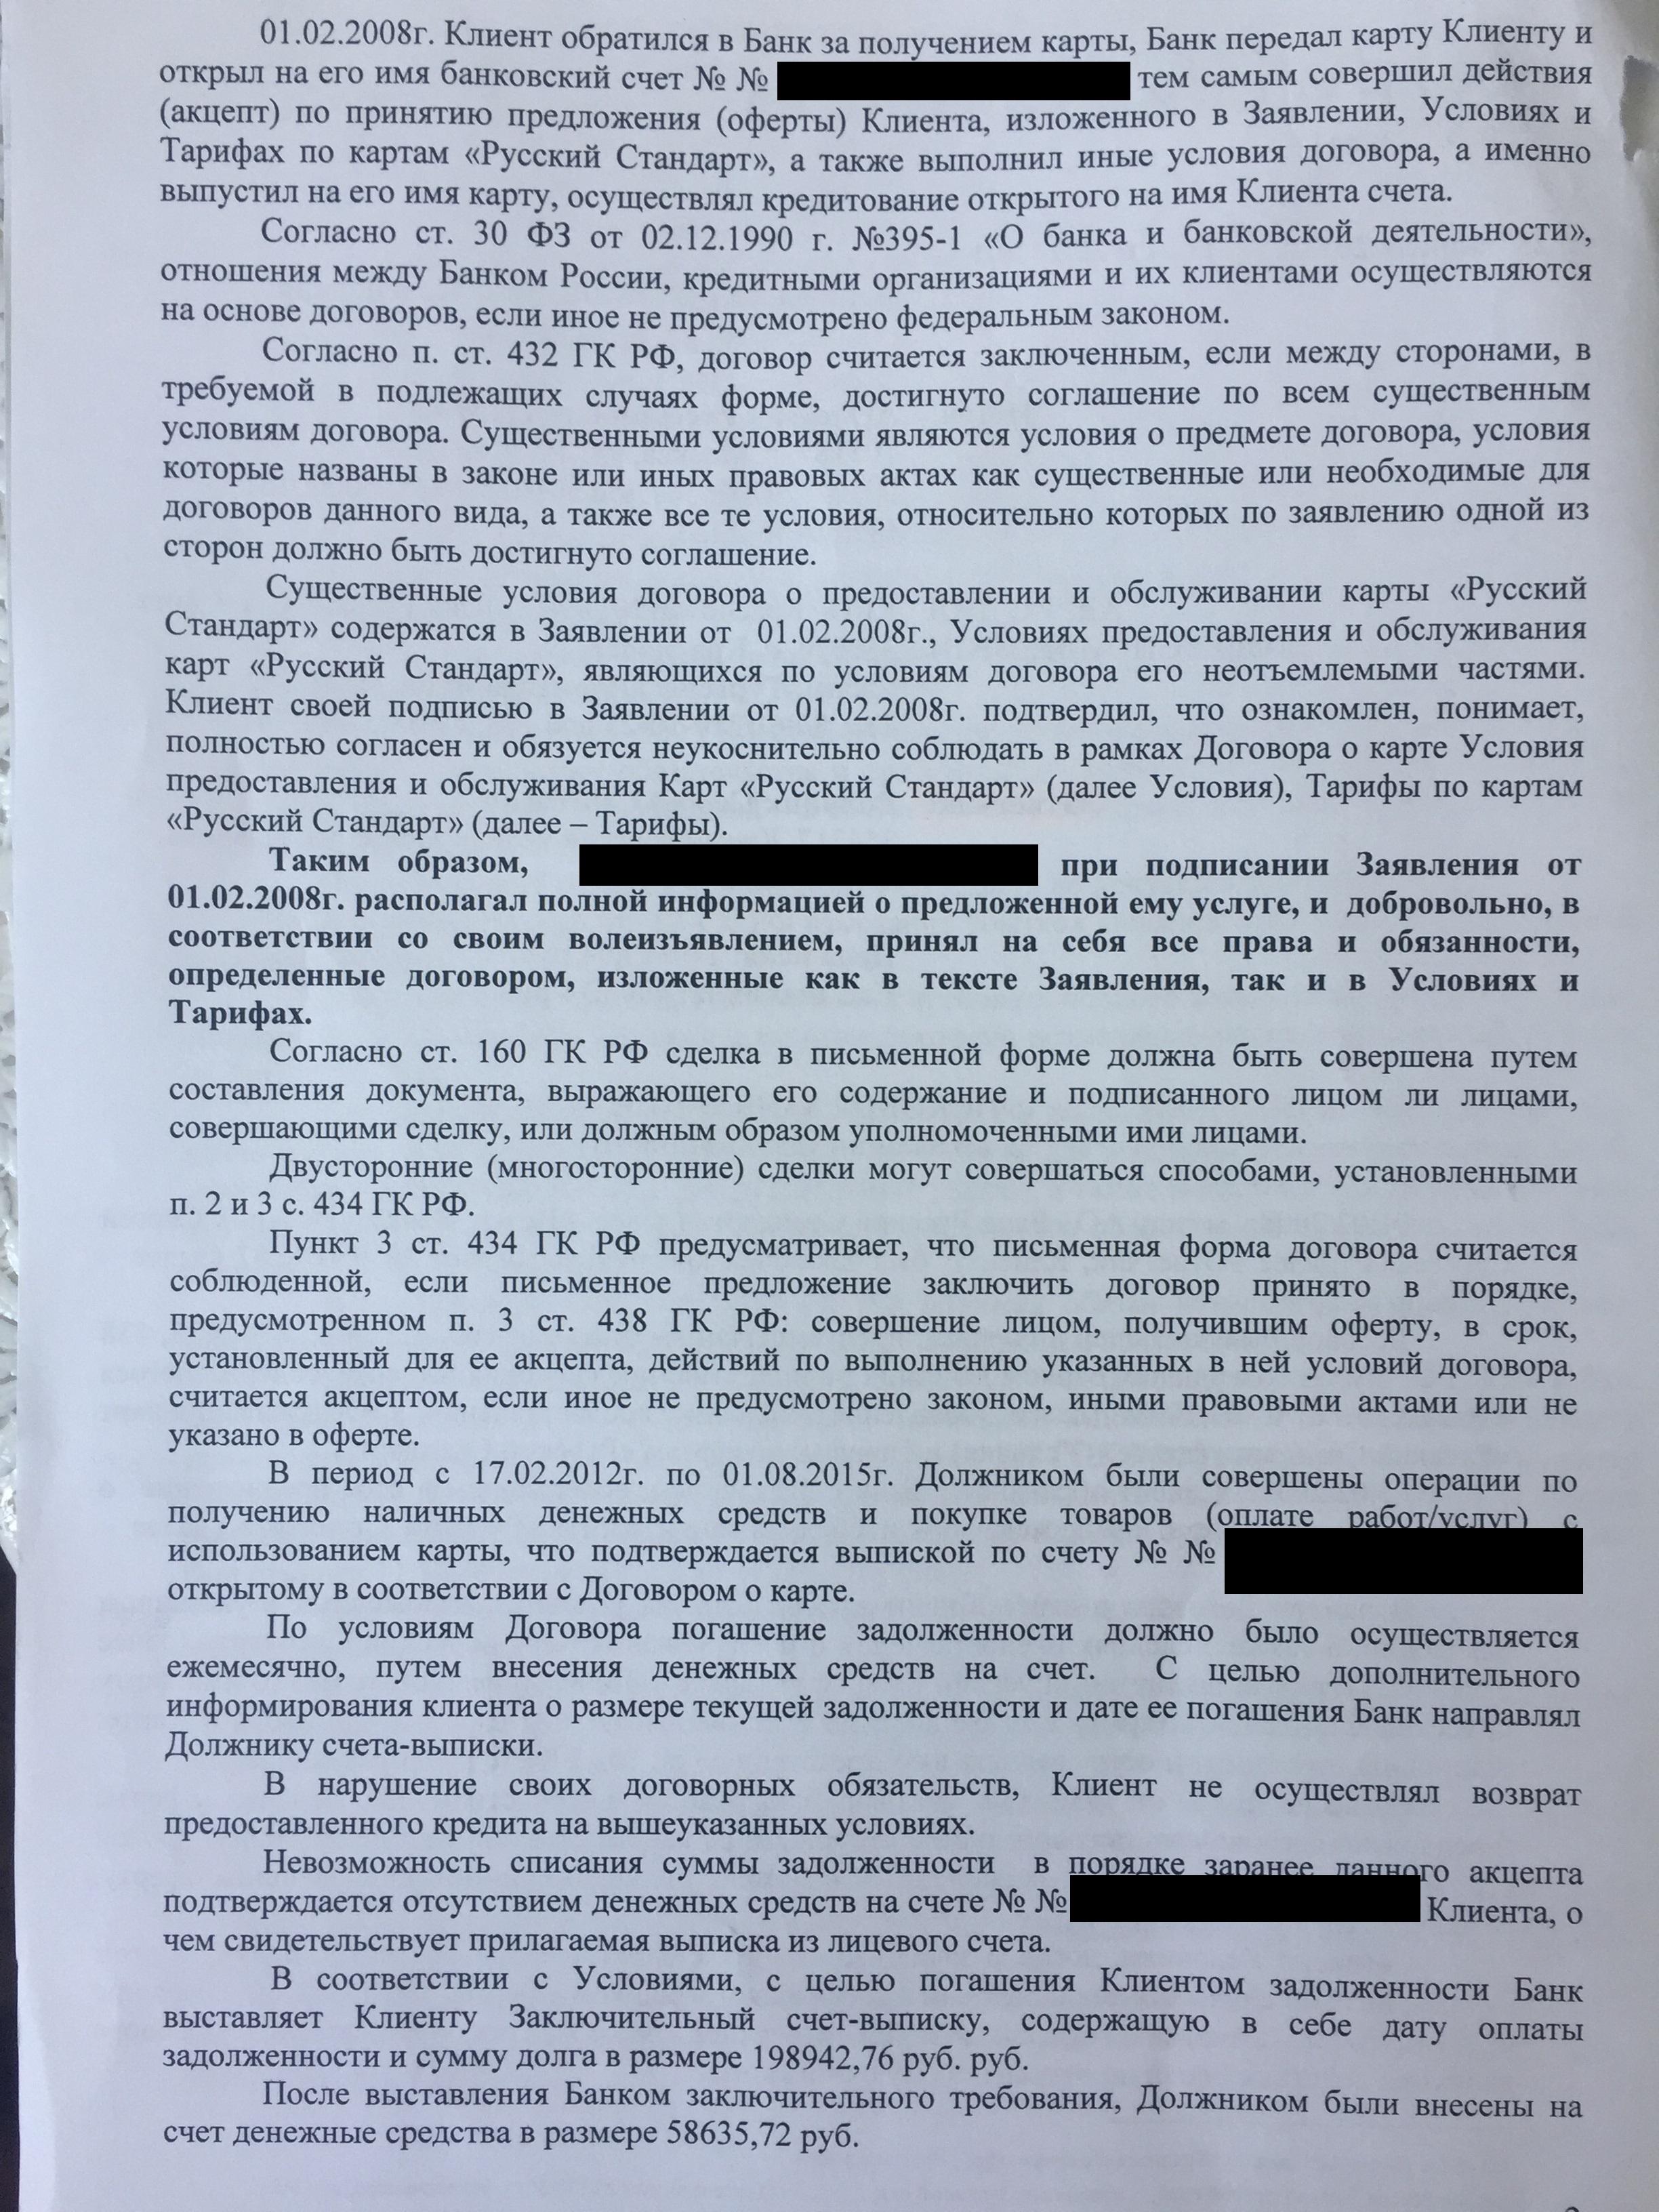 Дела в суд банк русский стандарт новокузнецк помощь в получении кредита с открытыми просрочками